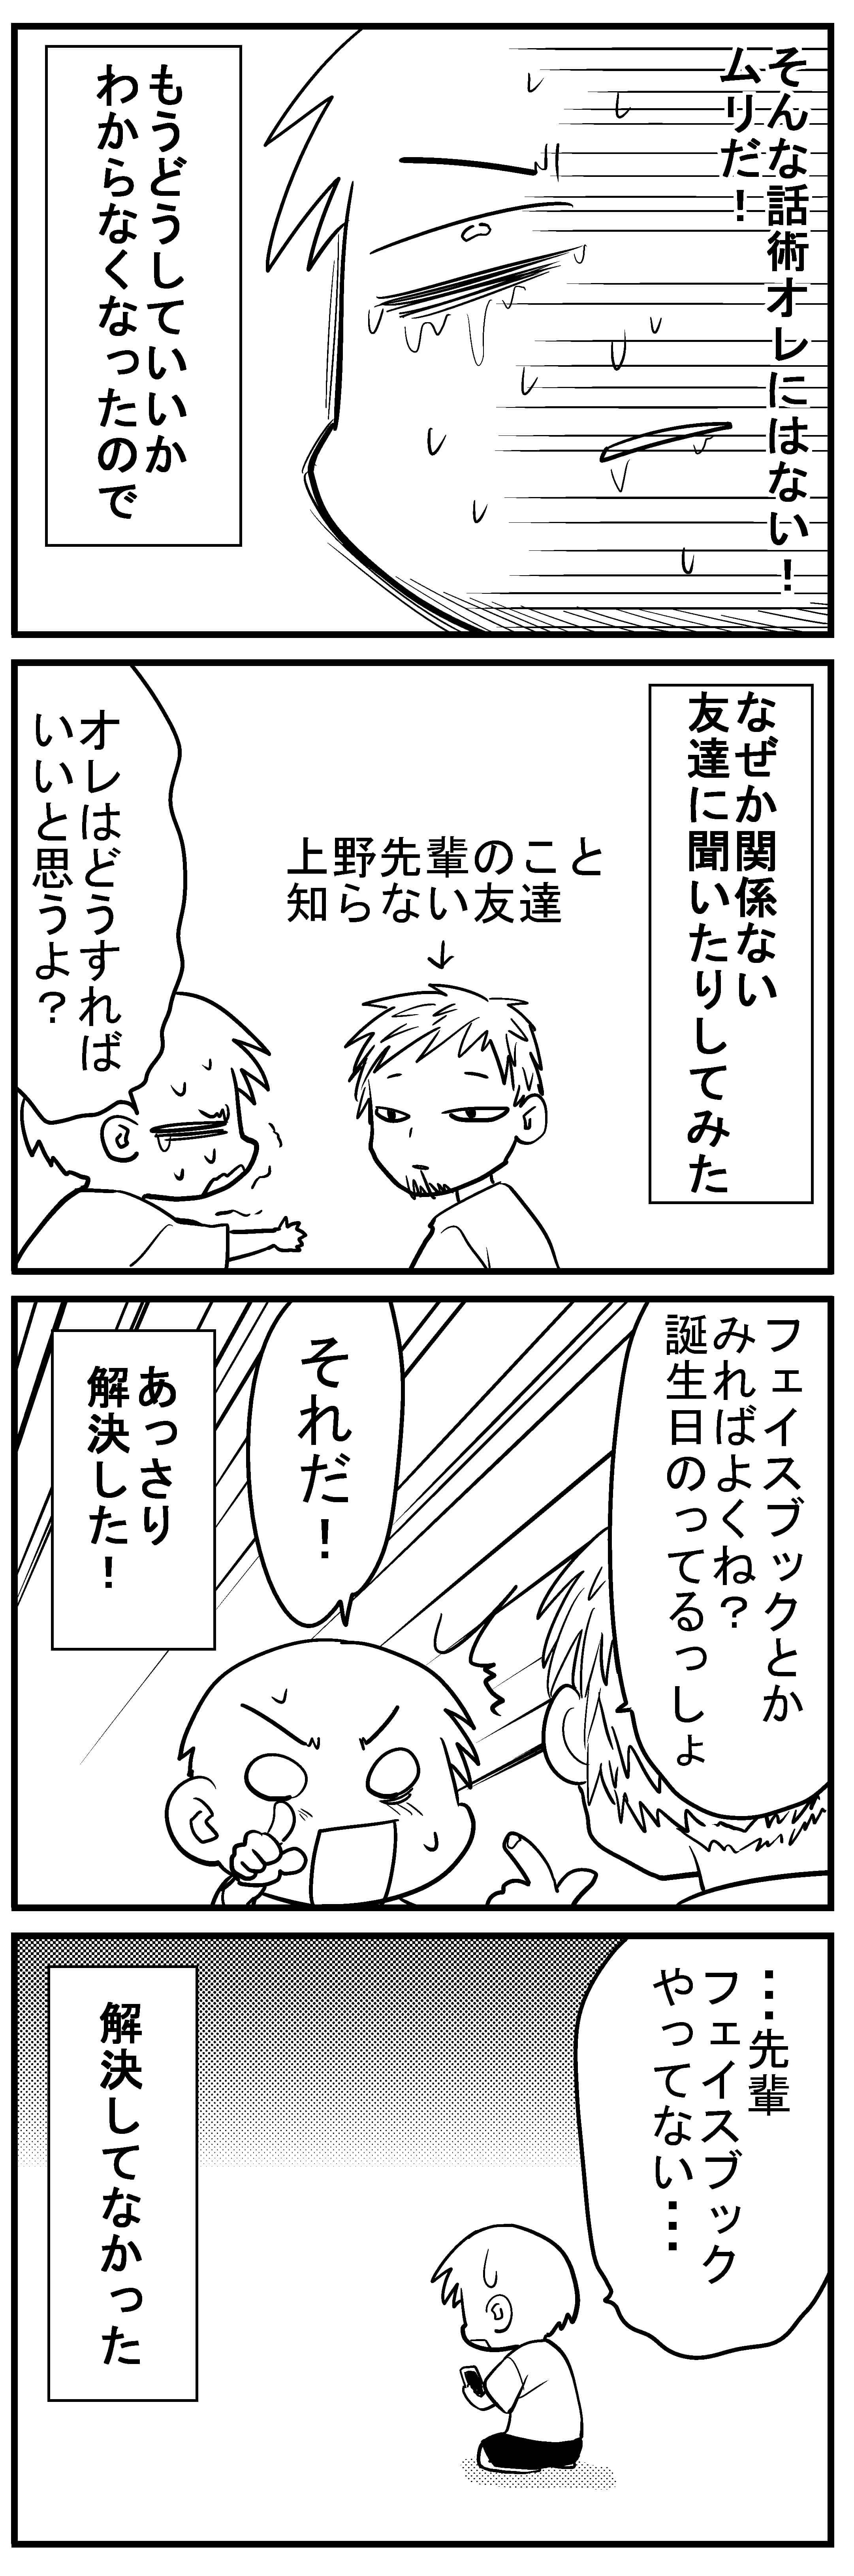 深読みくん11 のコピー 4 (1)